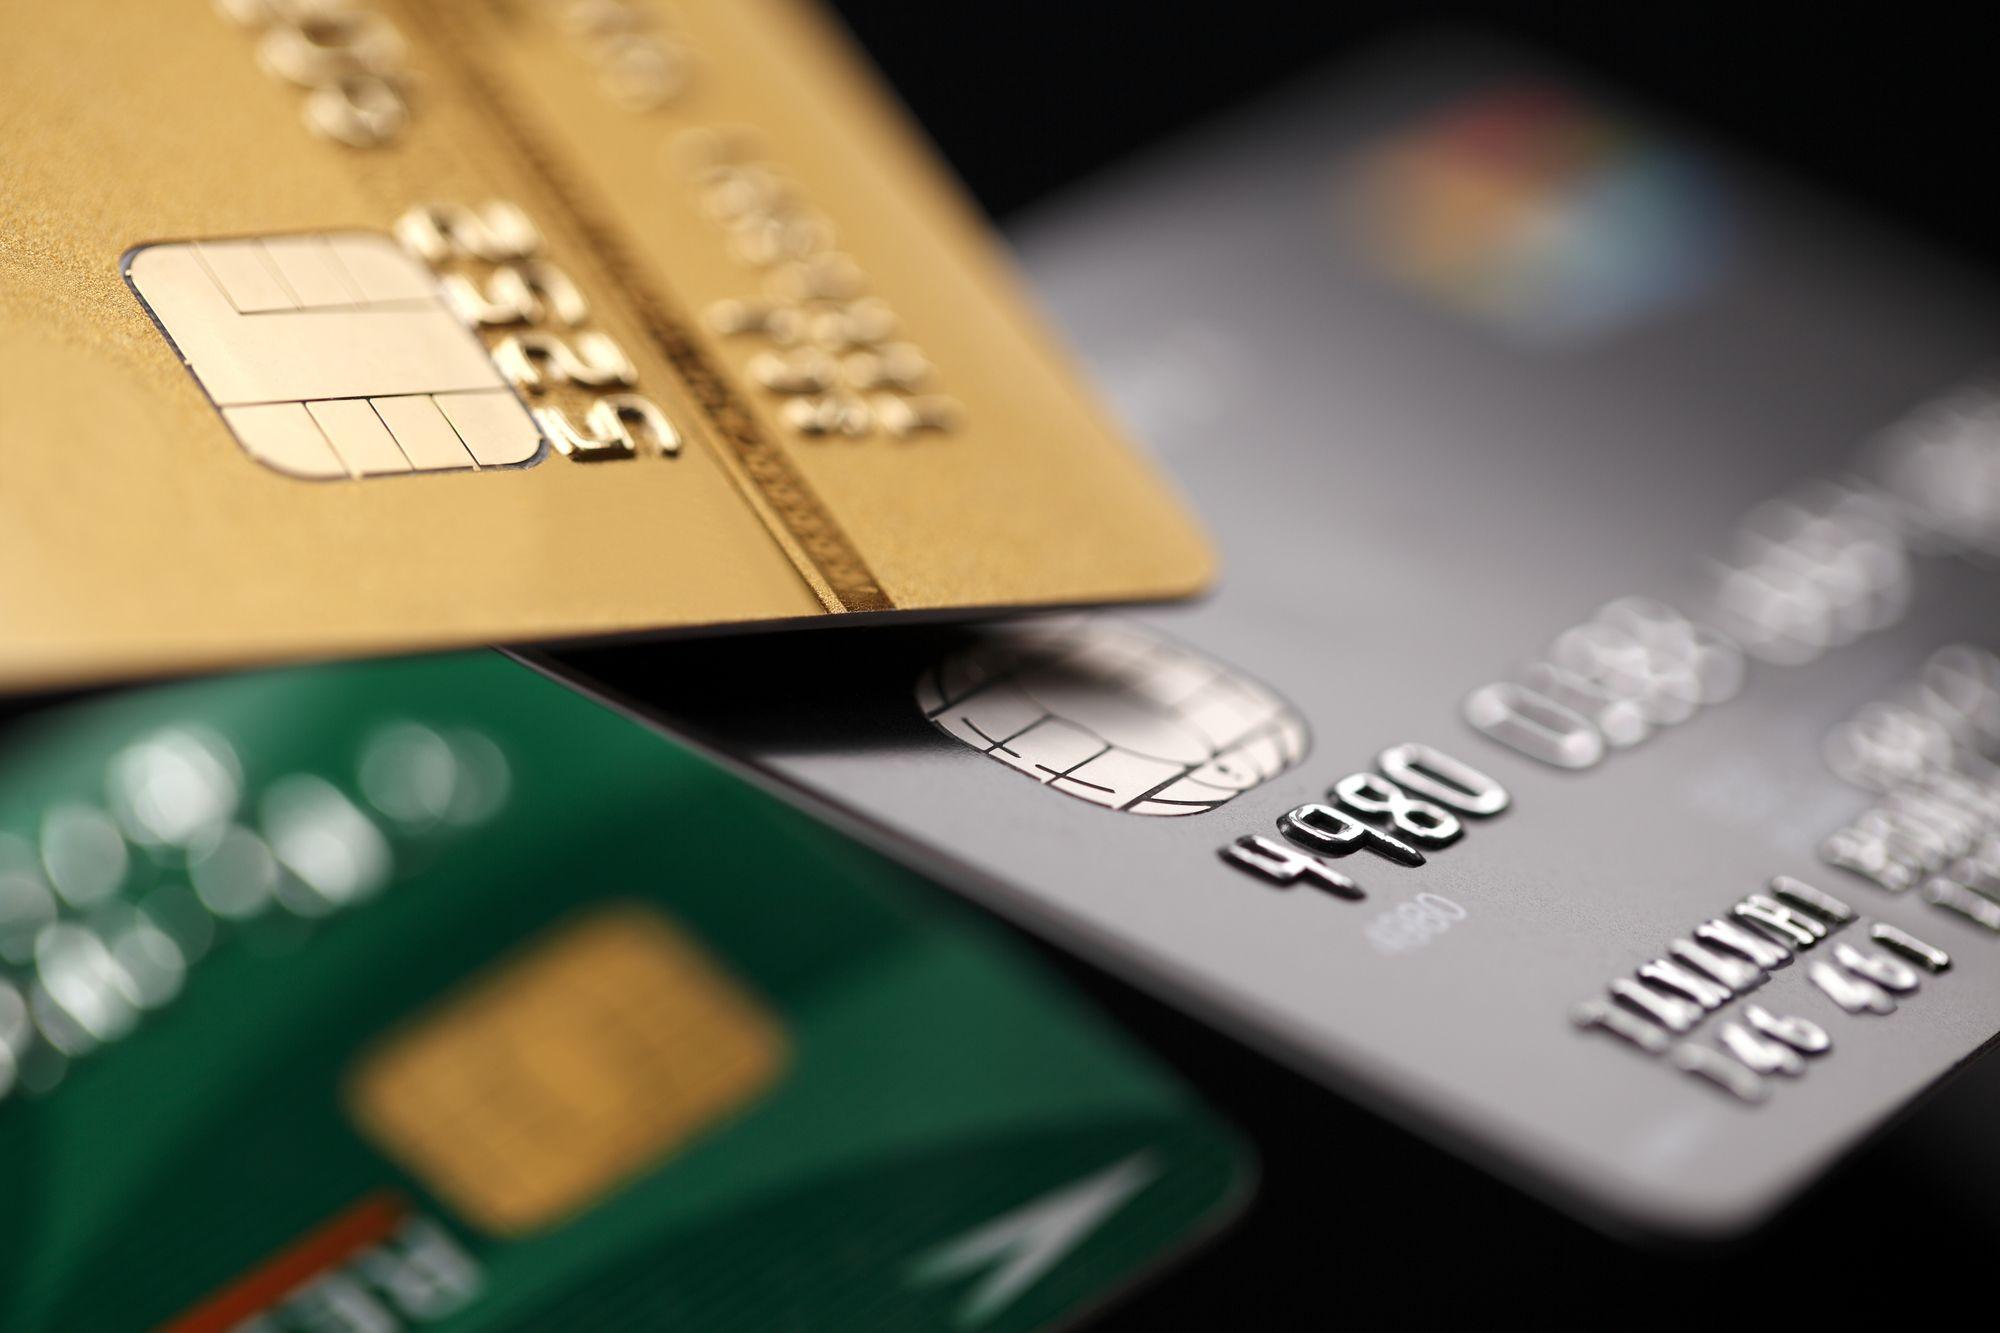 【アメックス】プラチナ・カードを金属製カードの「メタルカード」としてリニューアル!